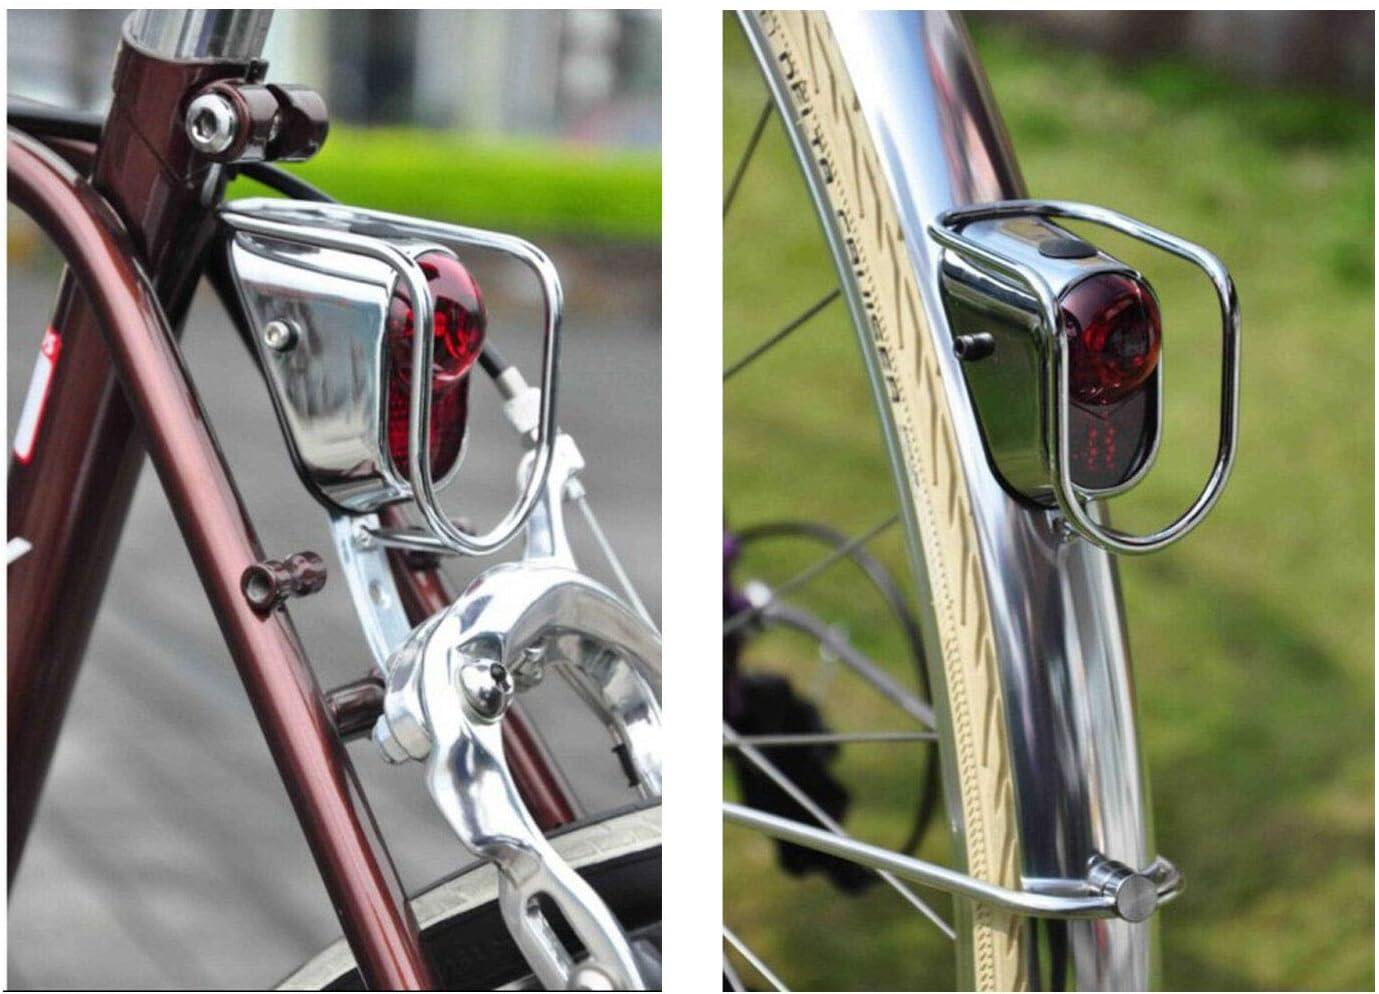 Fahrrad R/ückleuchten LED Chrom Old School Vintage Classic Tour-2